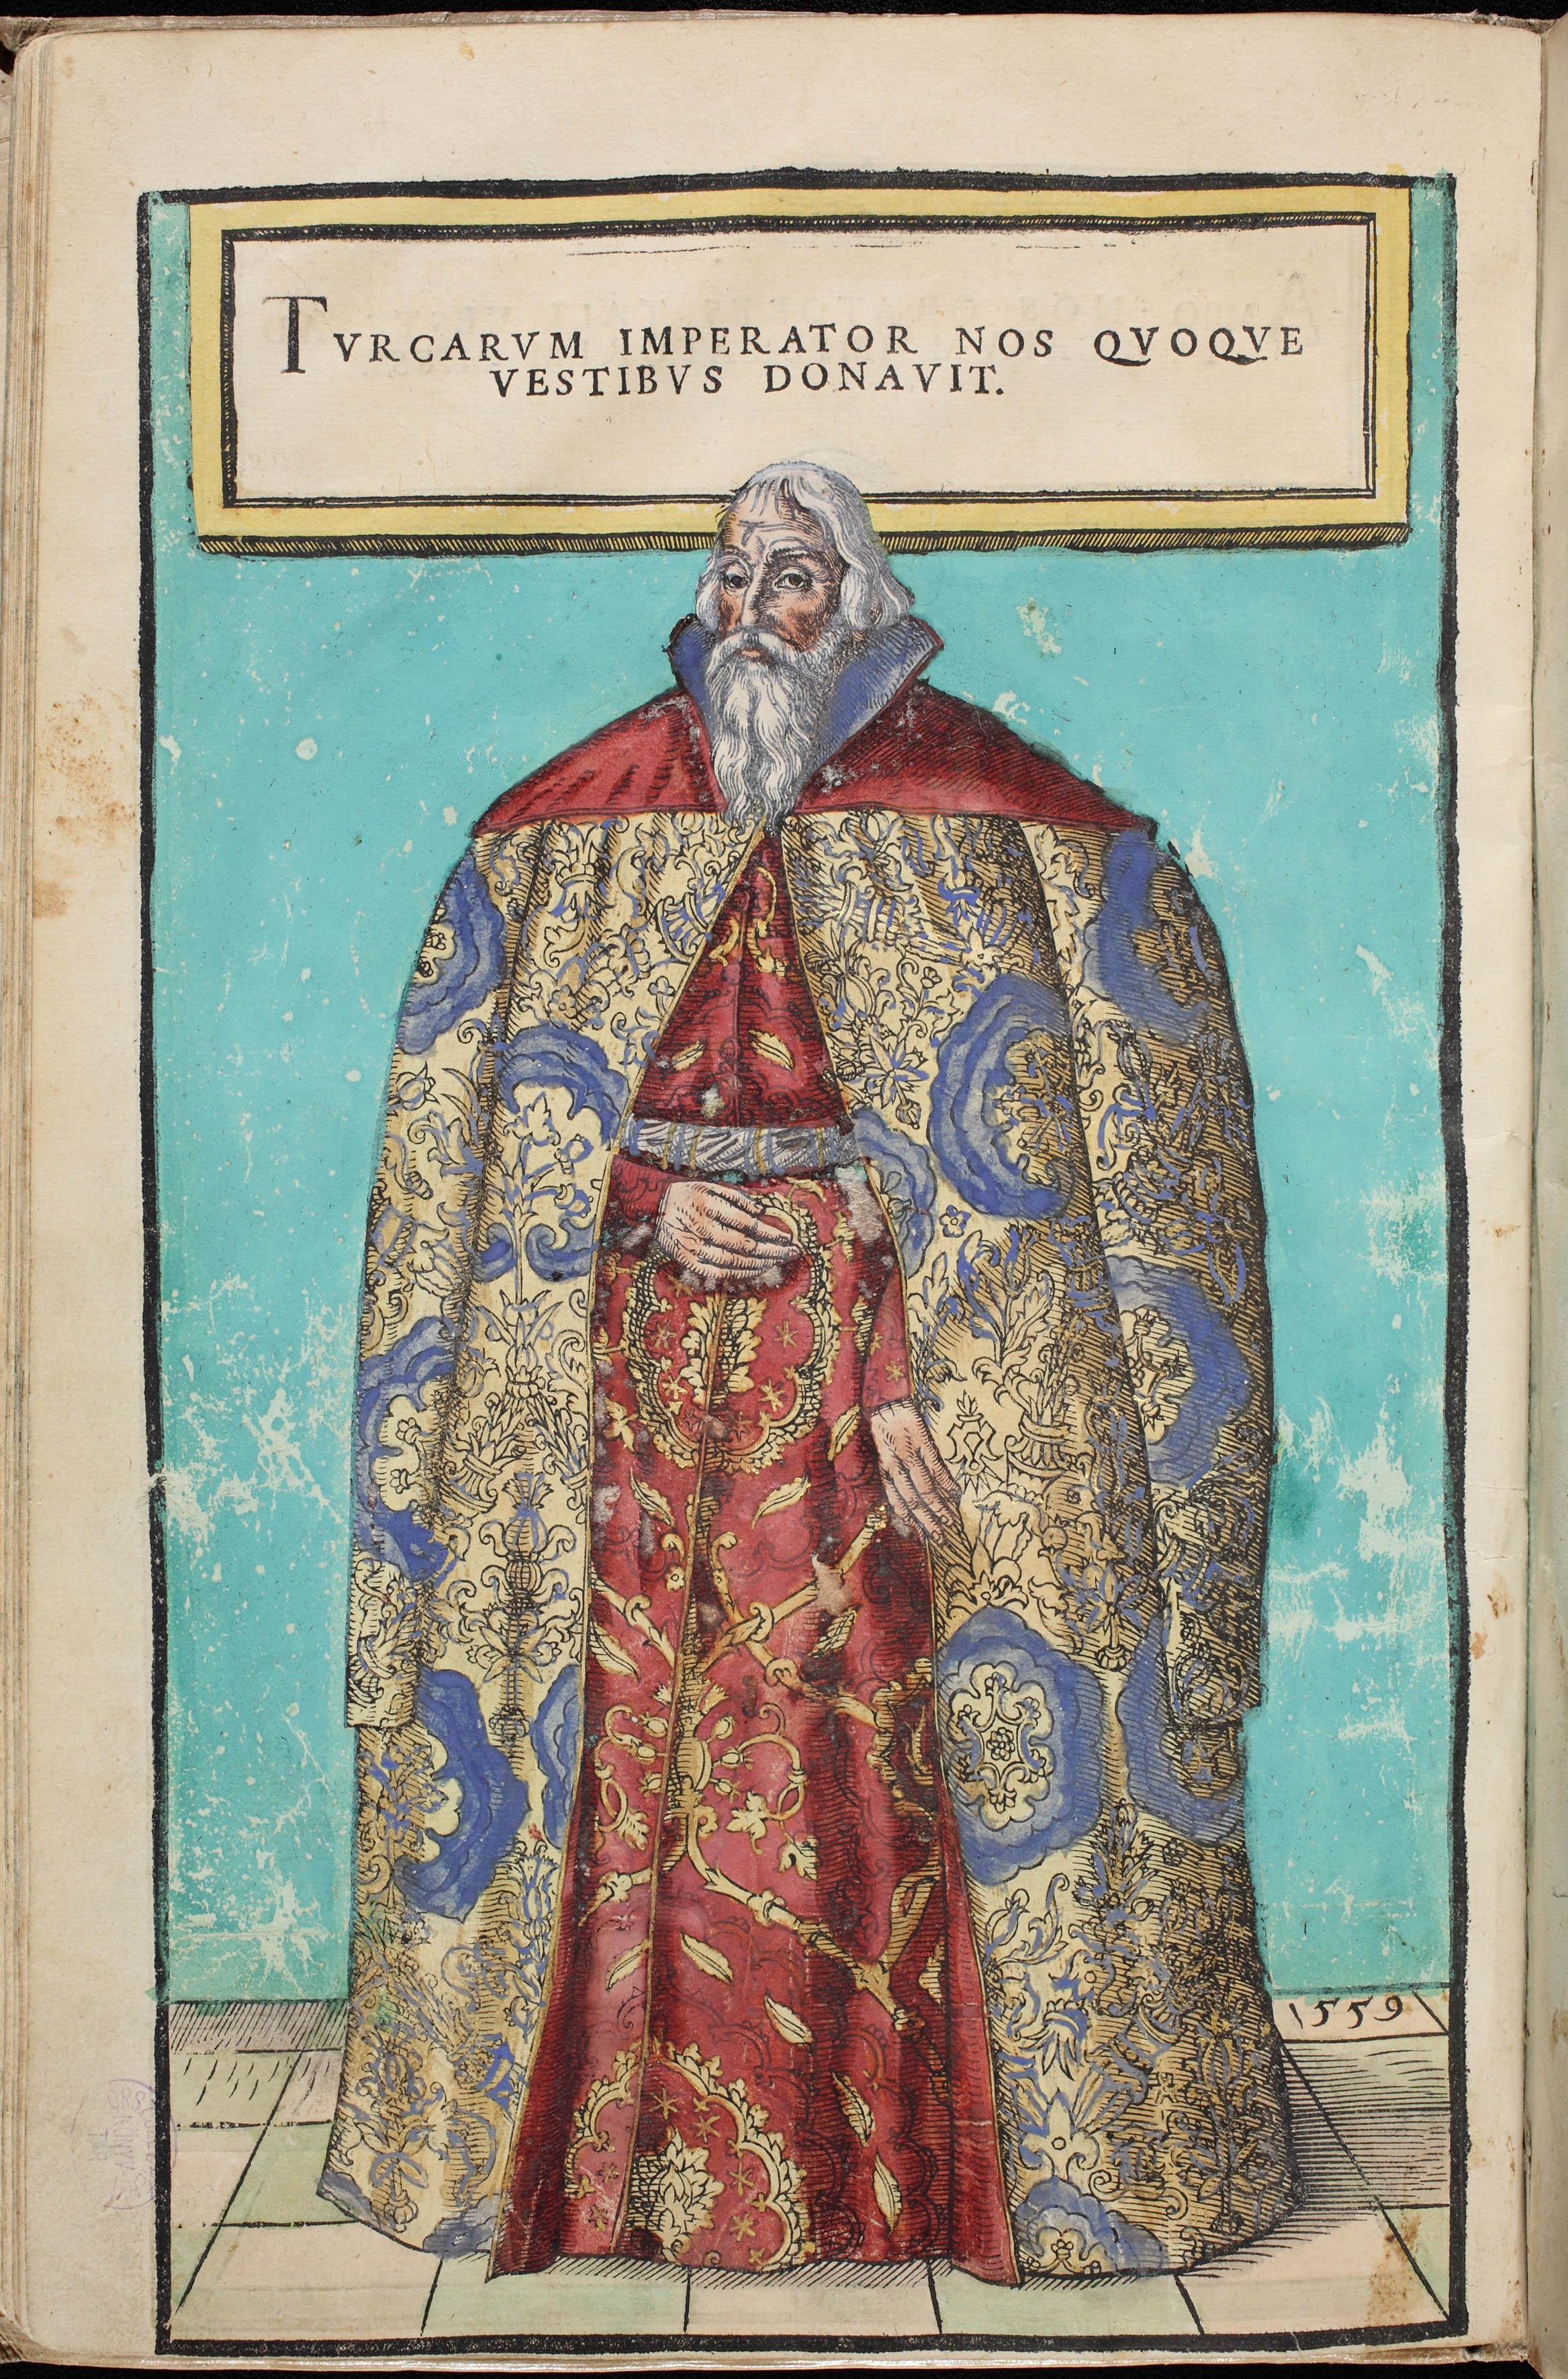 """Donat Hübschmann, """"Zygmunt Herberstein w szacie honorowej podarowanej mu przez sułtana Sulejmana"""", 1560 r., Biblioteka Narodowa Széchényi, Budapeszt (źródło: materiały prasowe)"""